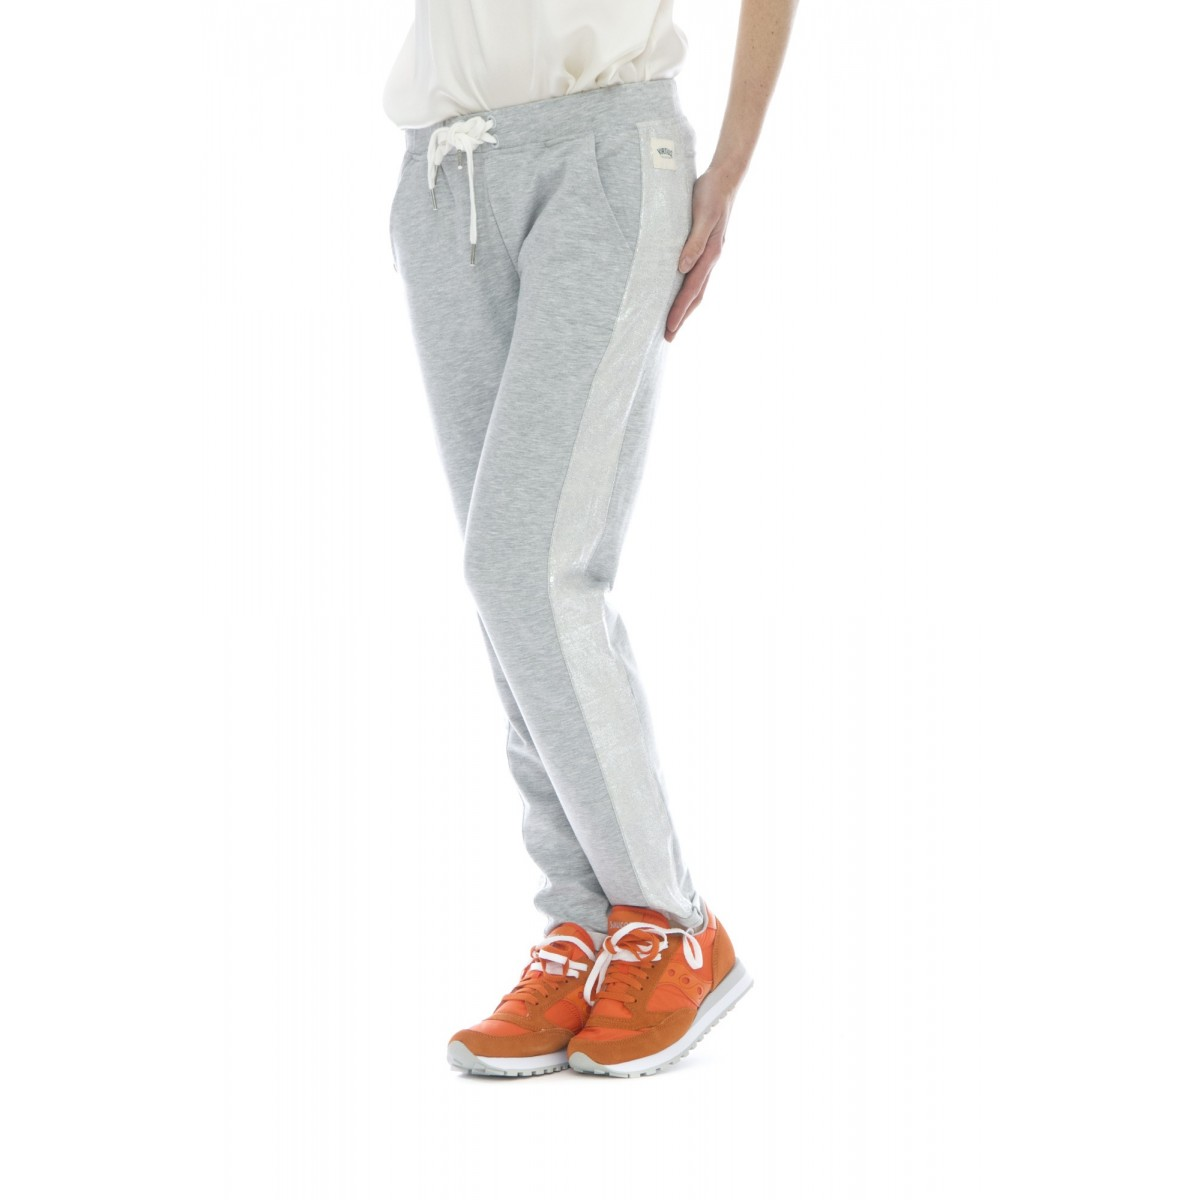 Pantalone donna - 528 fv05 pantalone jersey banda lurex